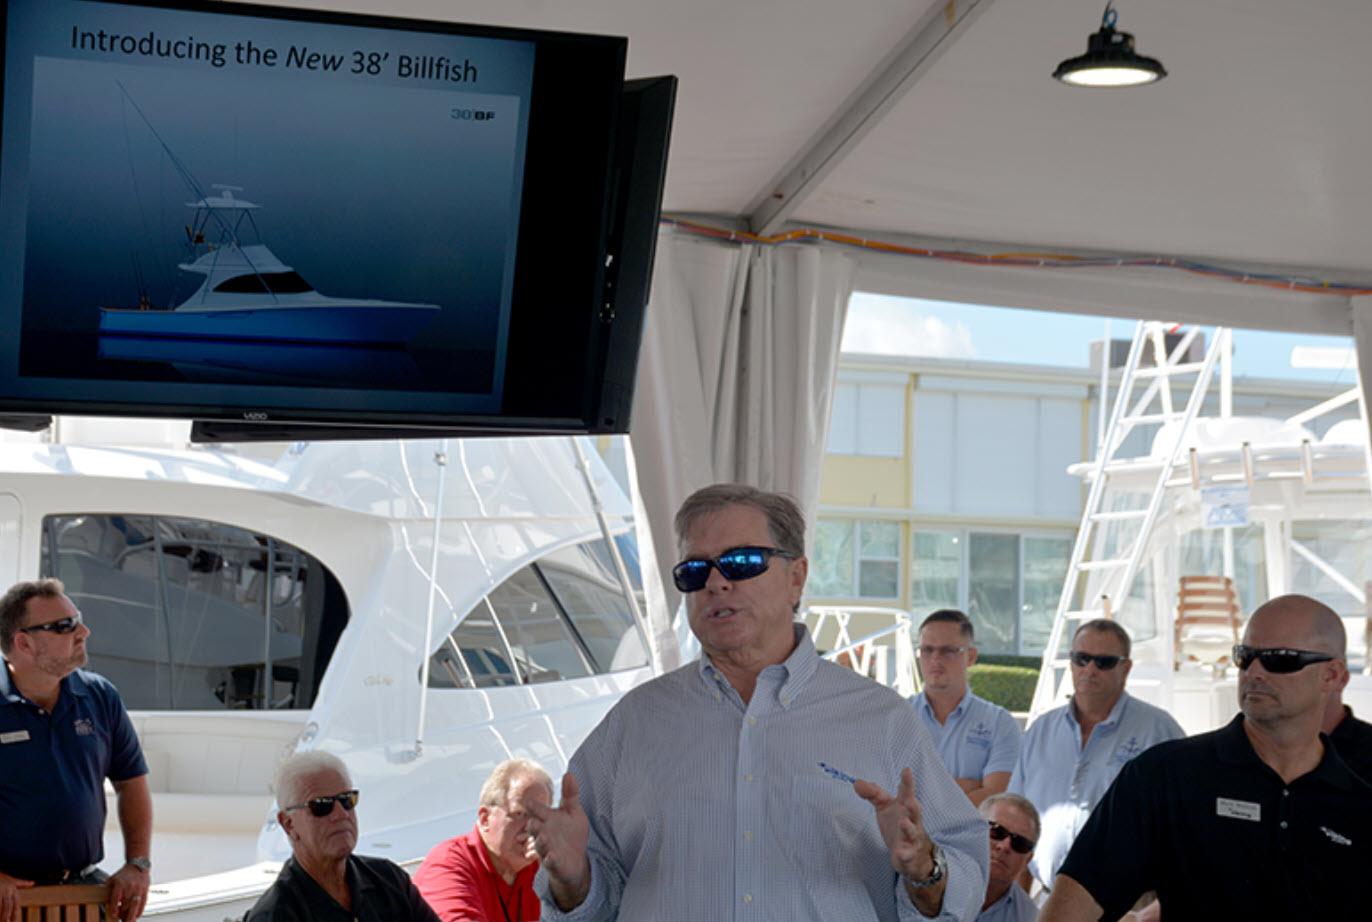 viking-yachts-introduces-new-models-at-boat-show